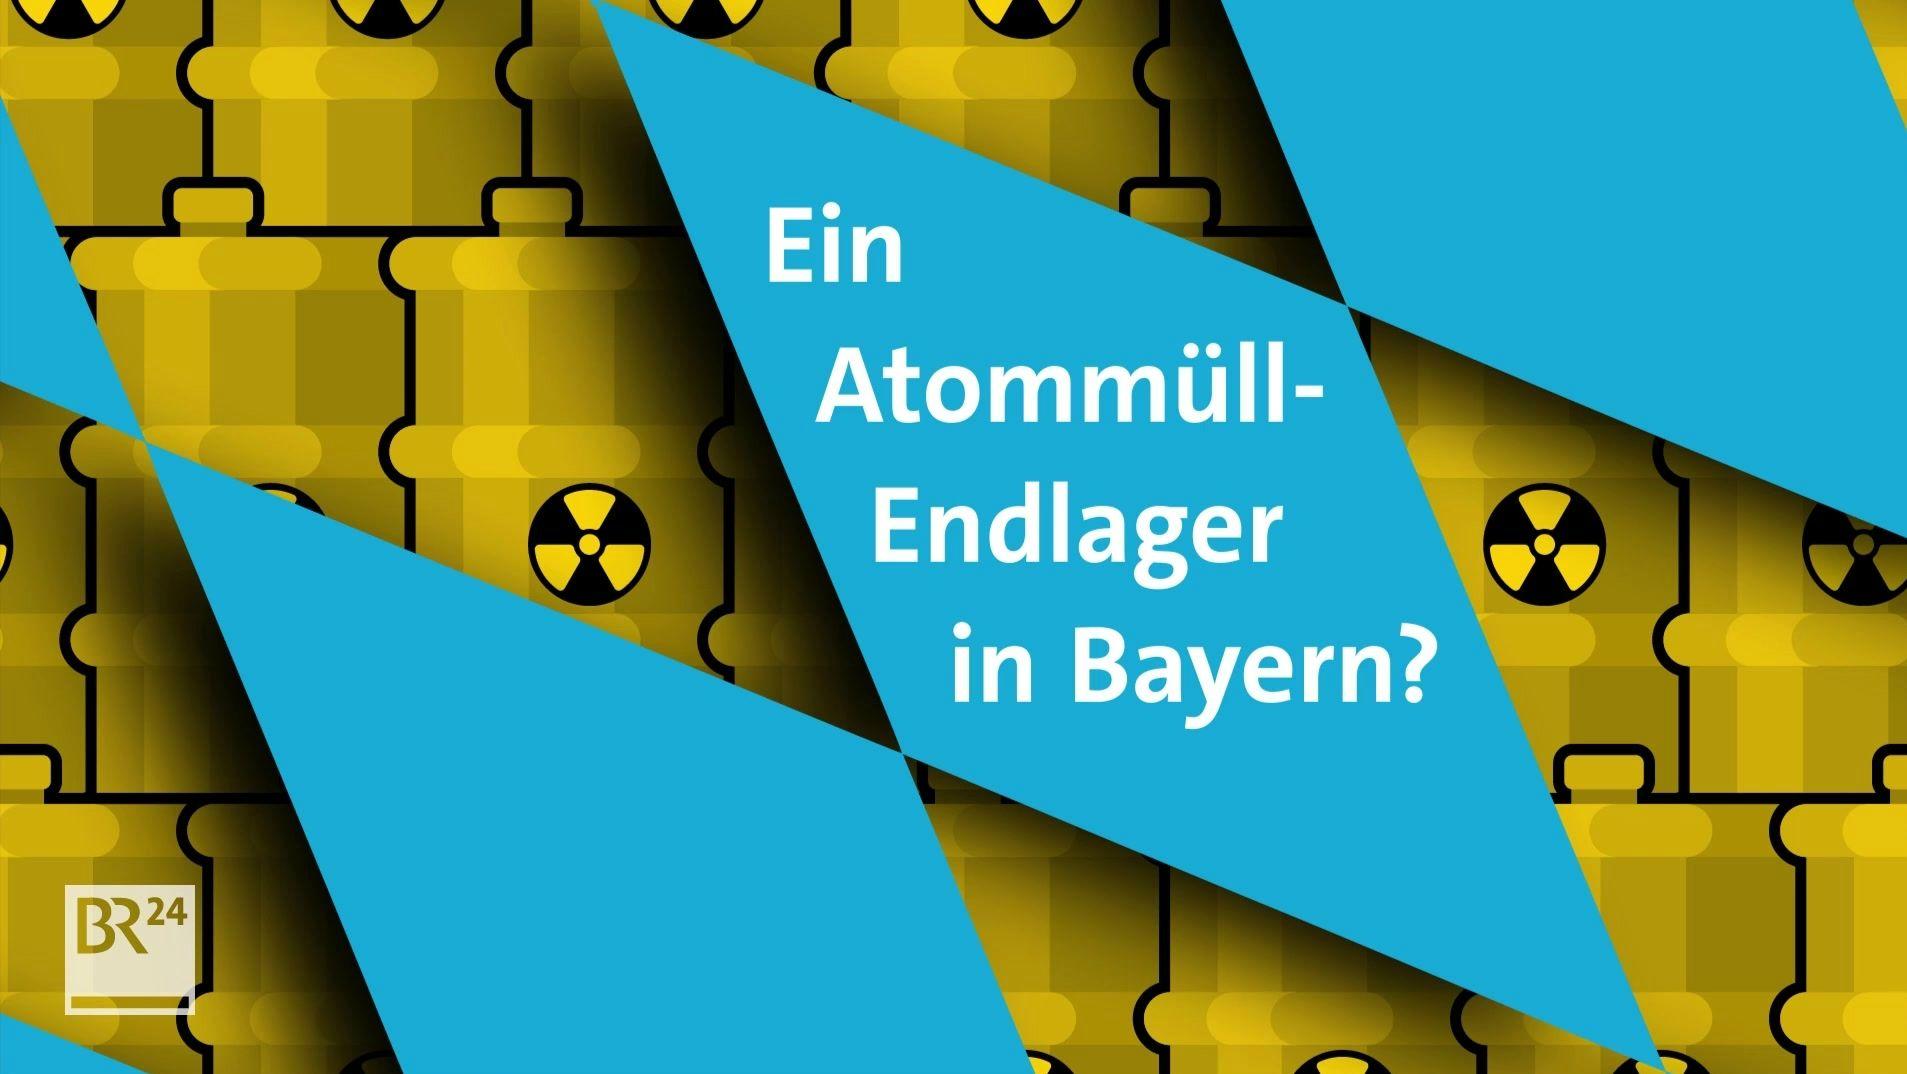 Aktuell läuft in Deutschland die Suche nach einem Endlager für hochradioaktive Abfälle. Das zuständige Bundesamt will ergebnisoffen vorgehen.